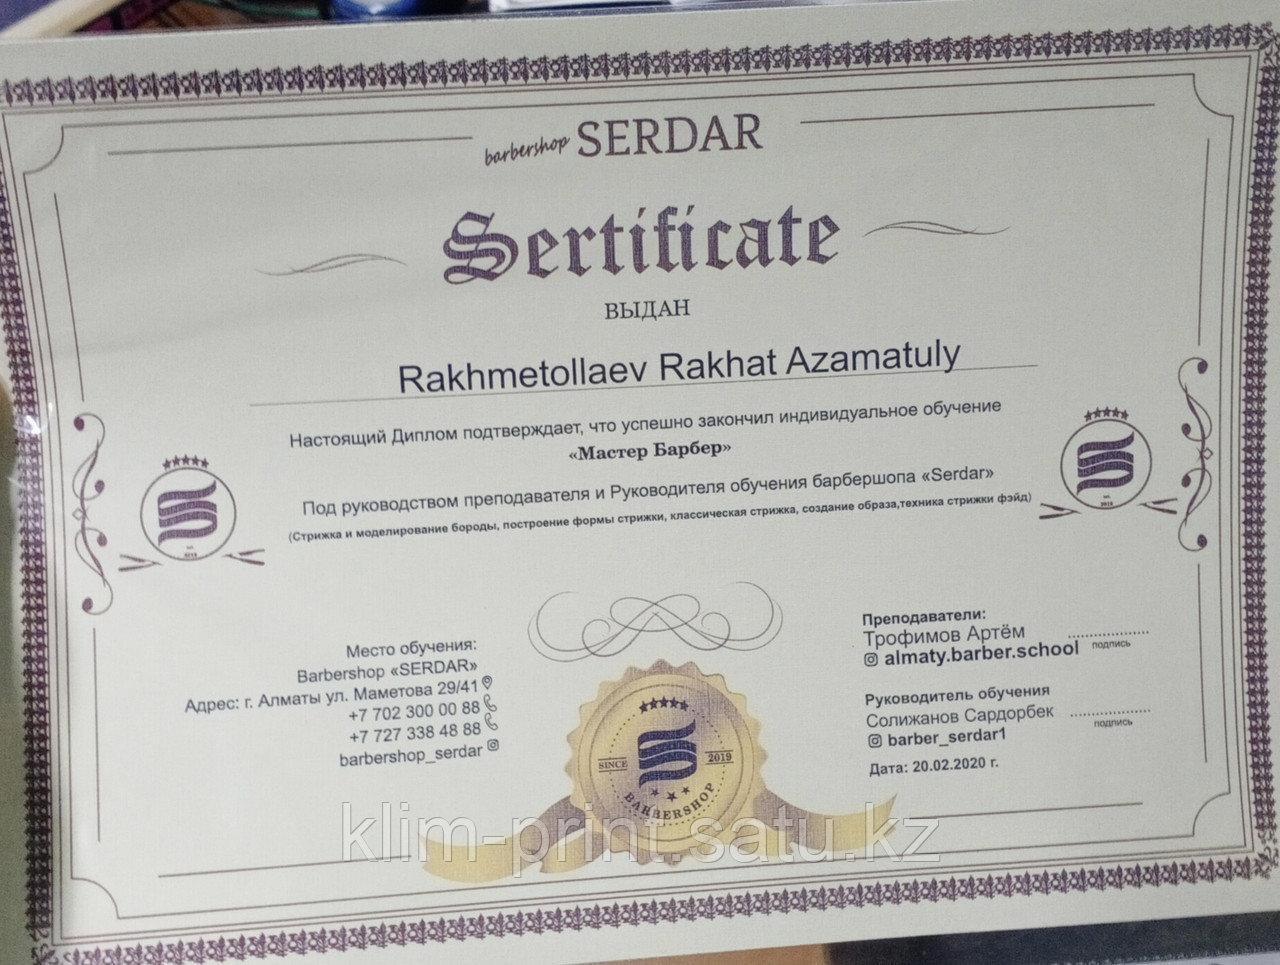 Сертификаты заказать в алматы